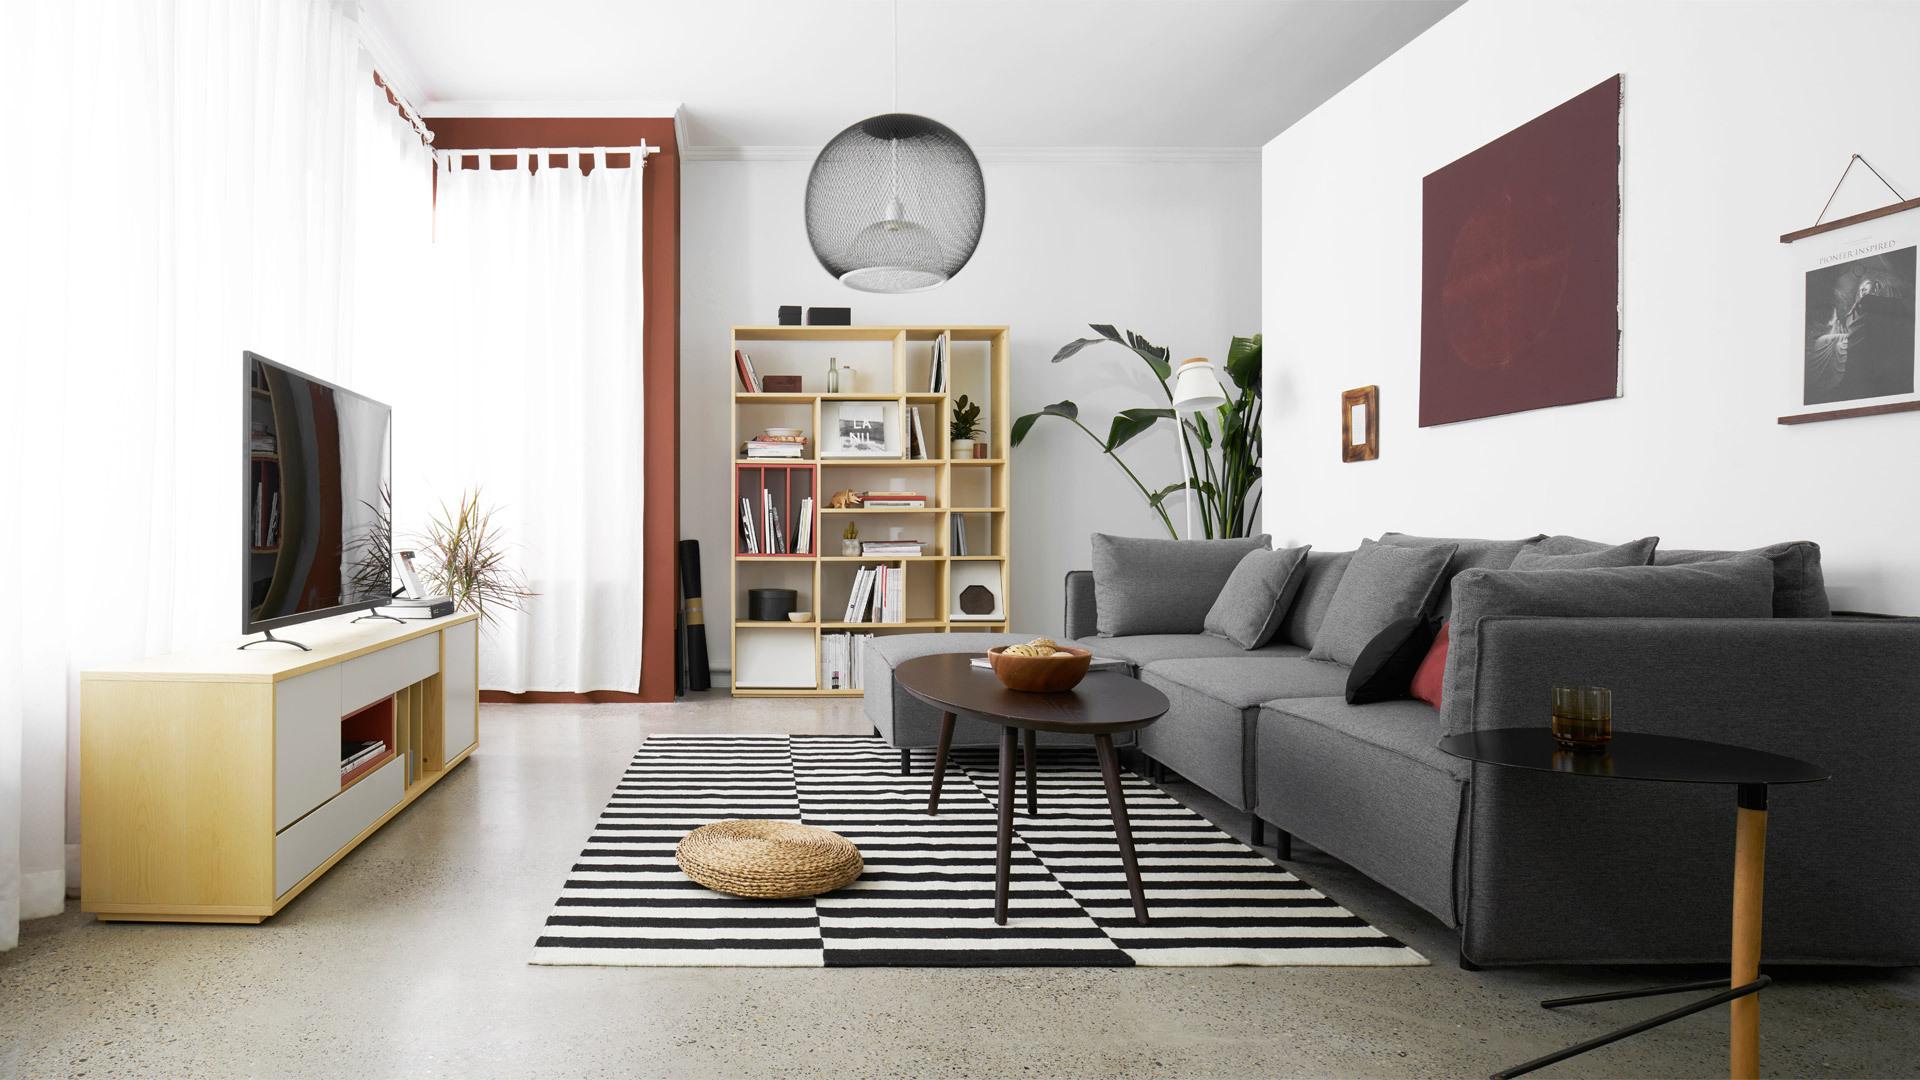 木色与高级灰,暖温留在客厅